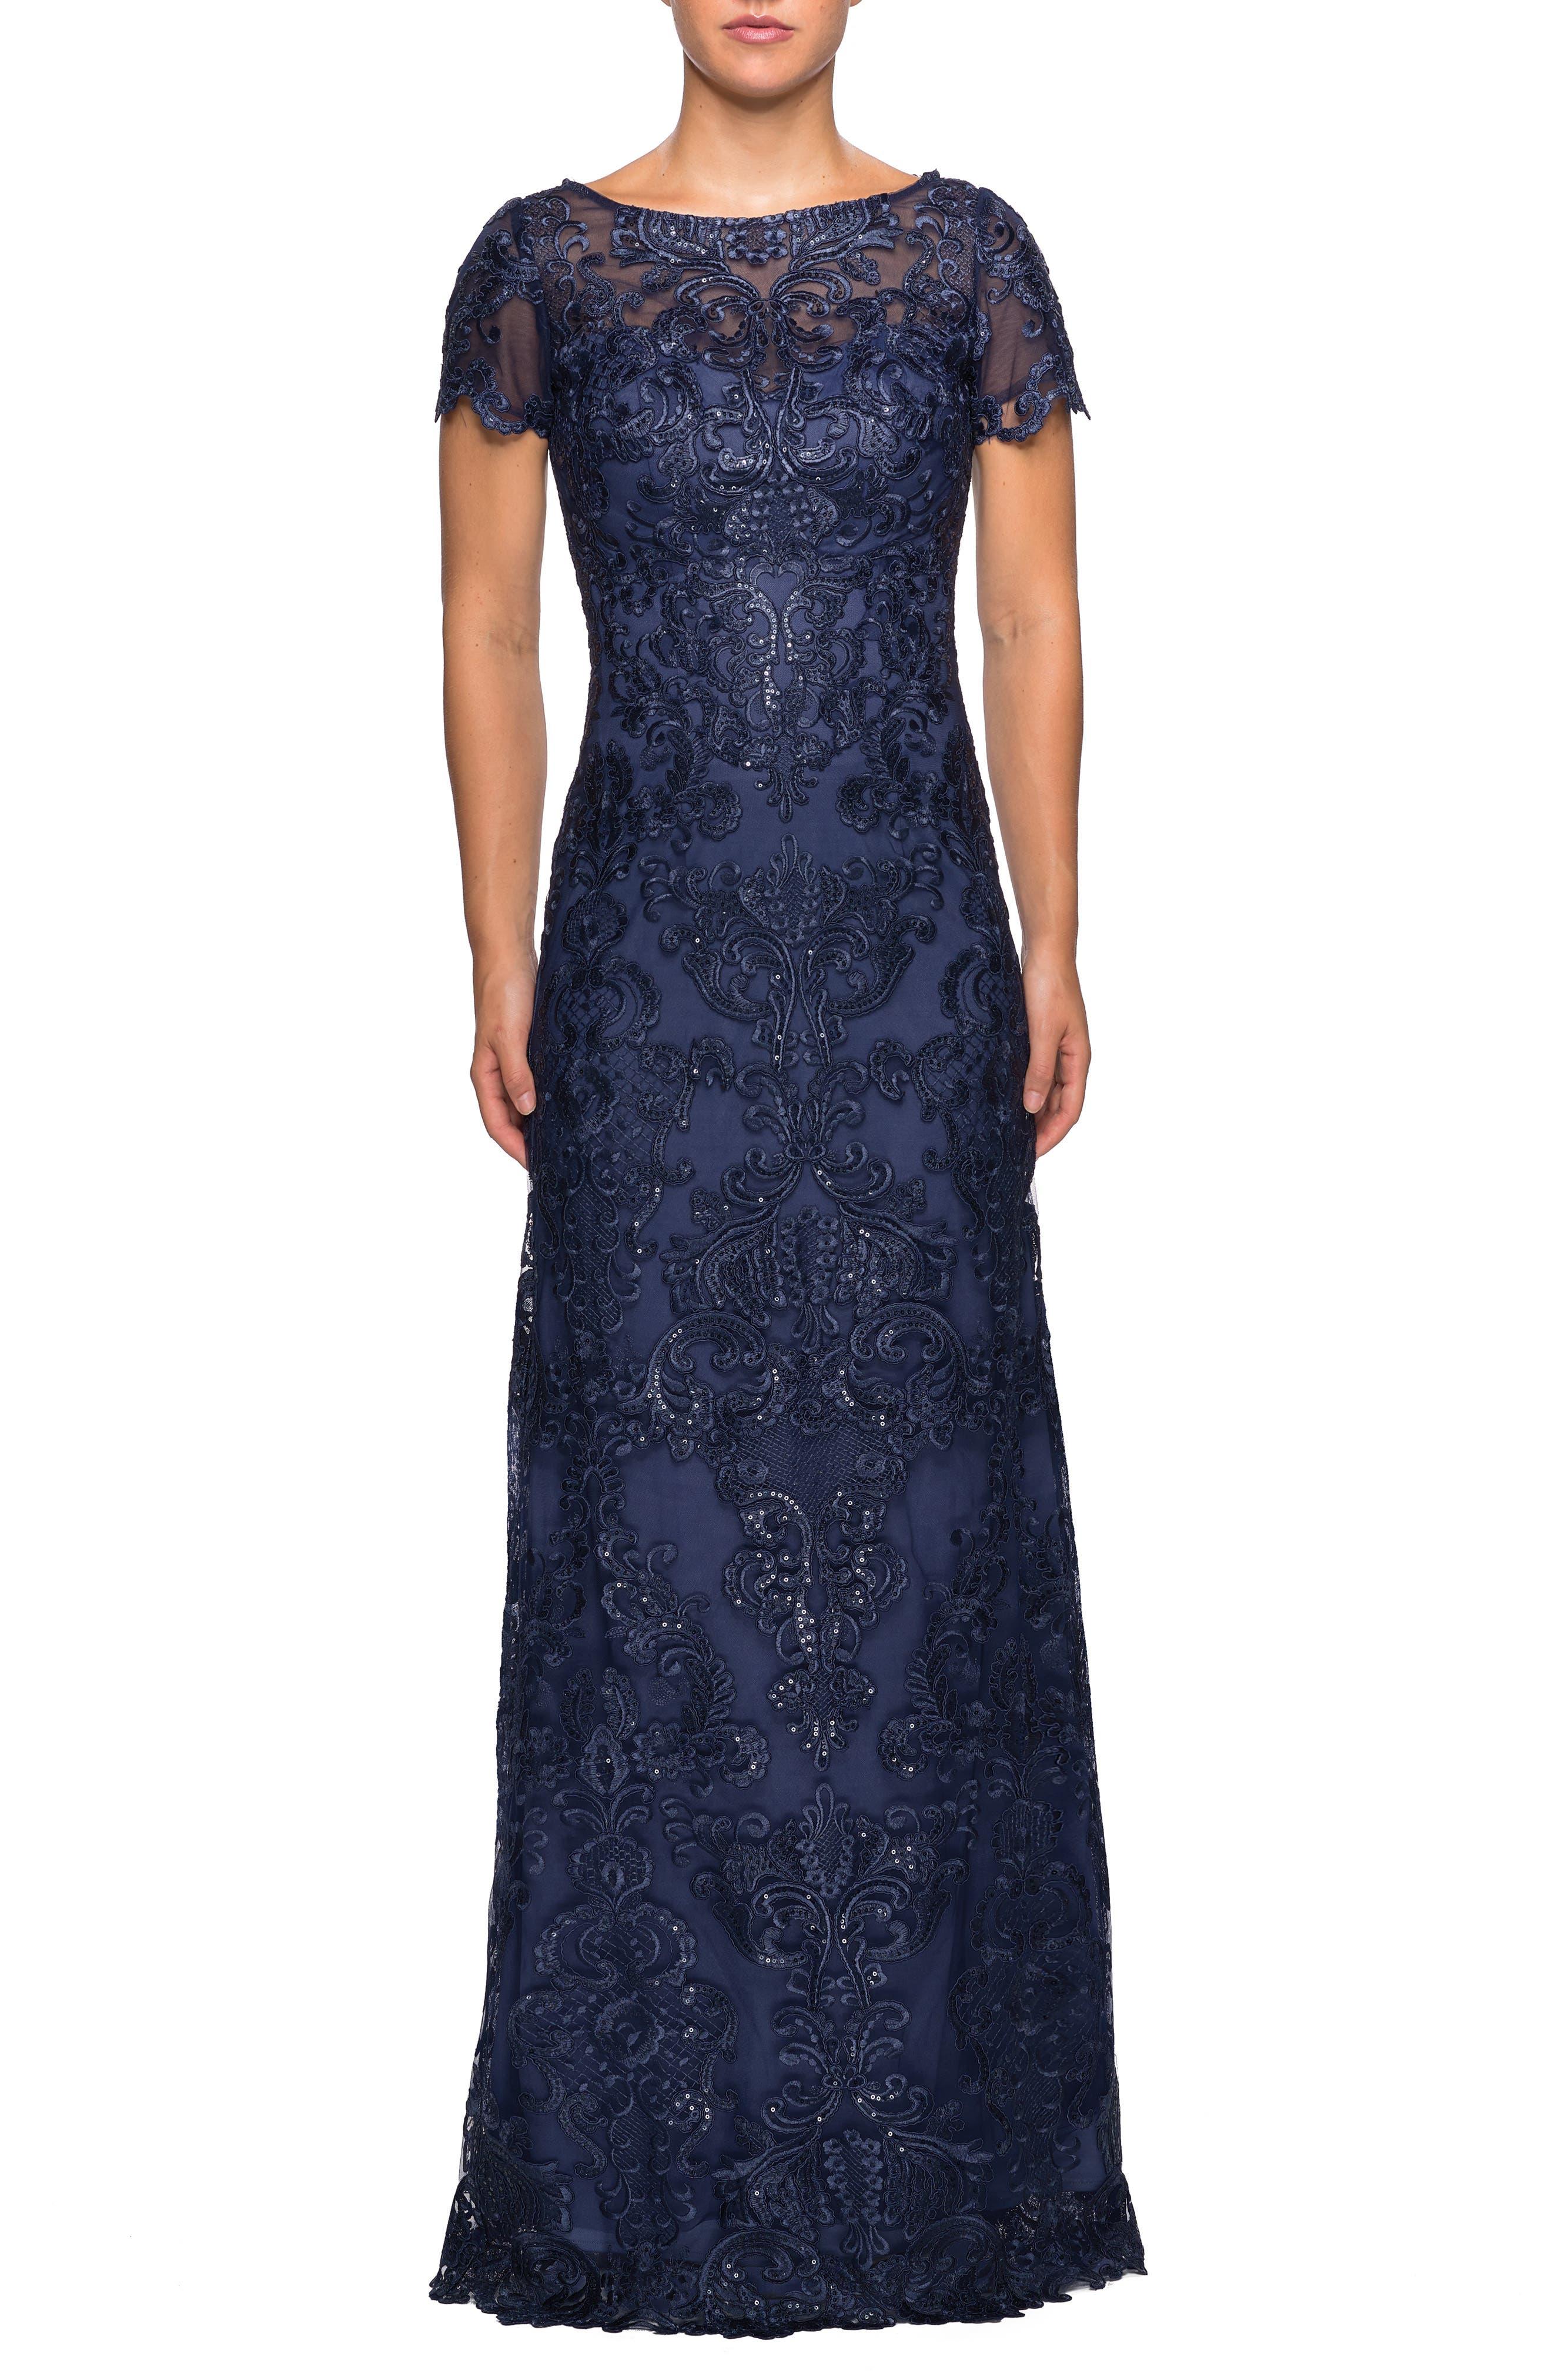 La Femme Sequin Embroidered Column Dress, Blue